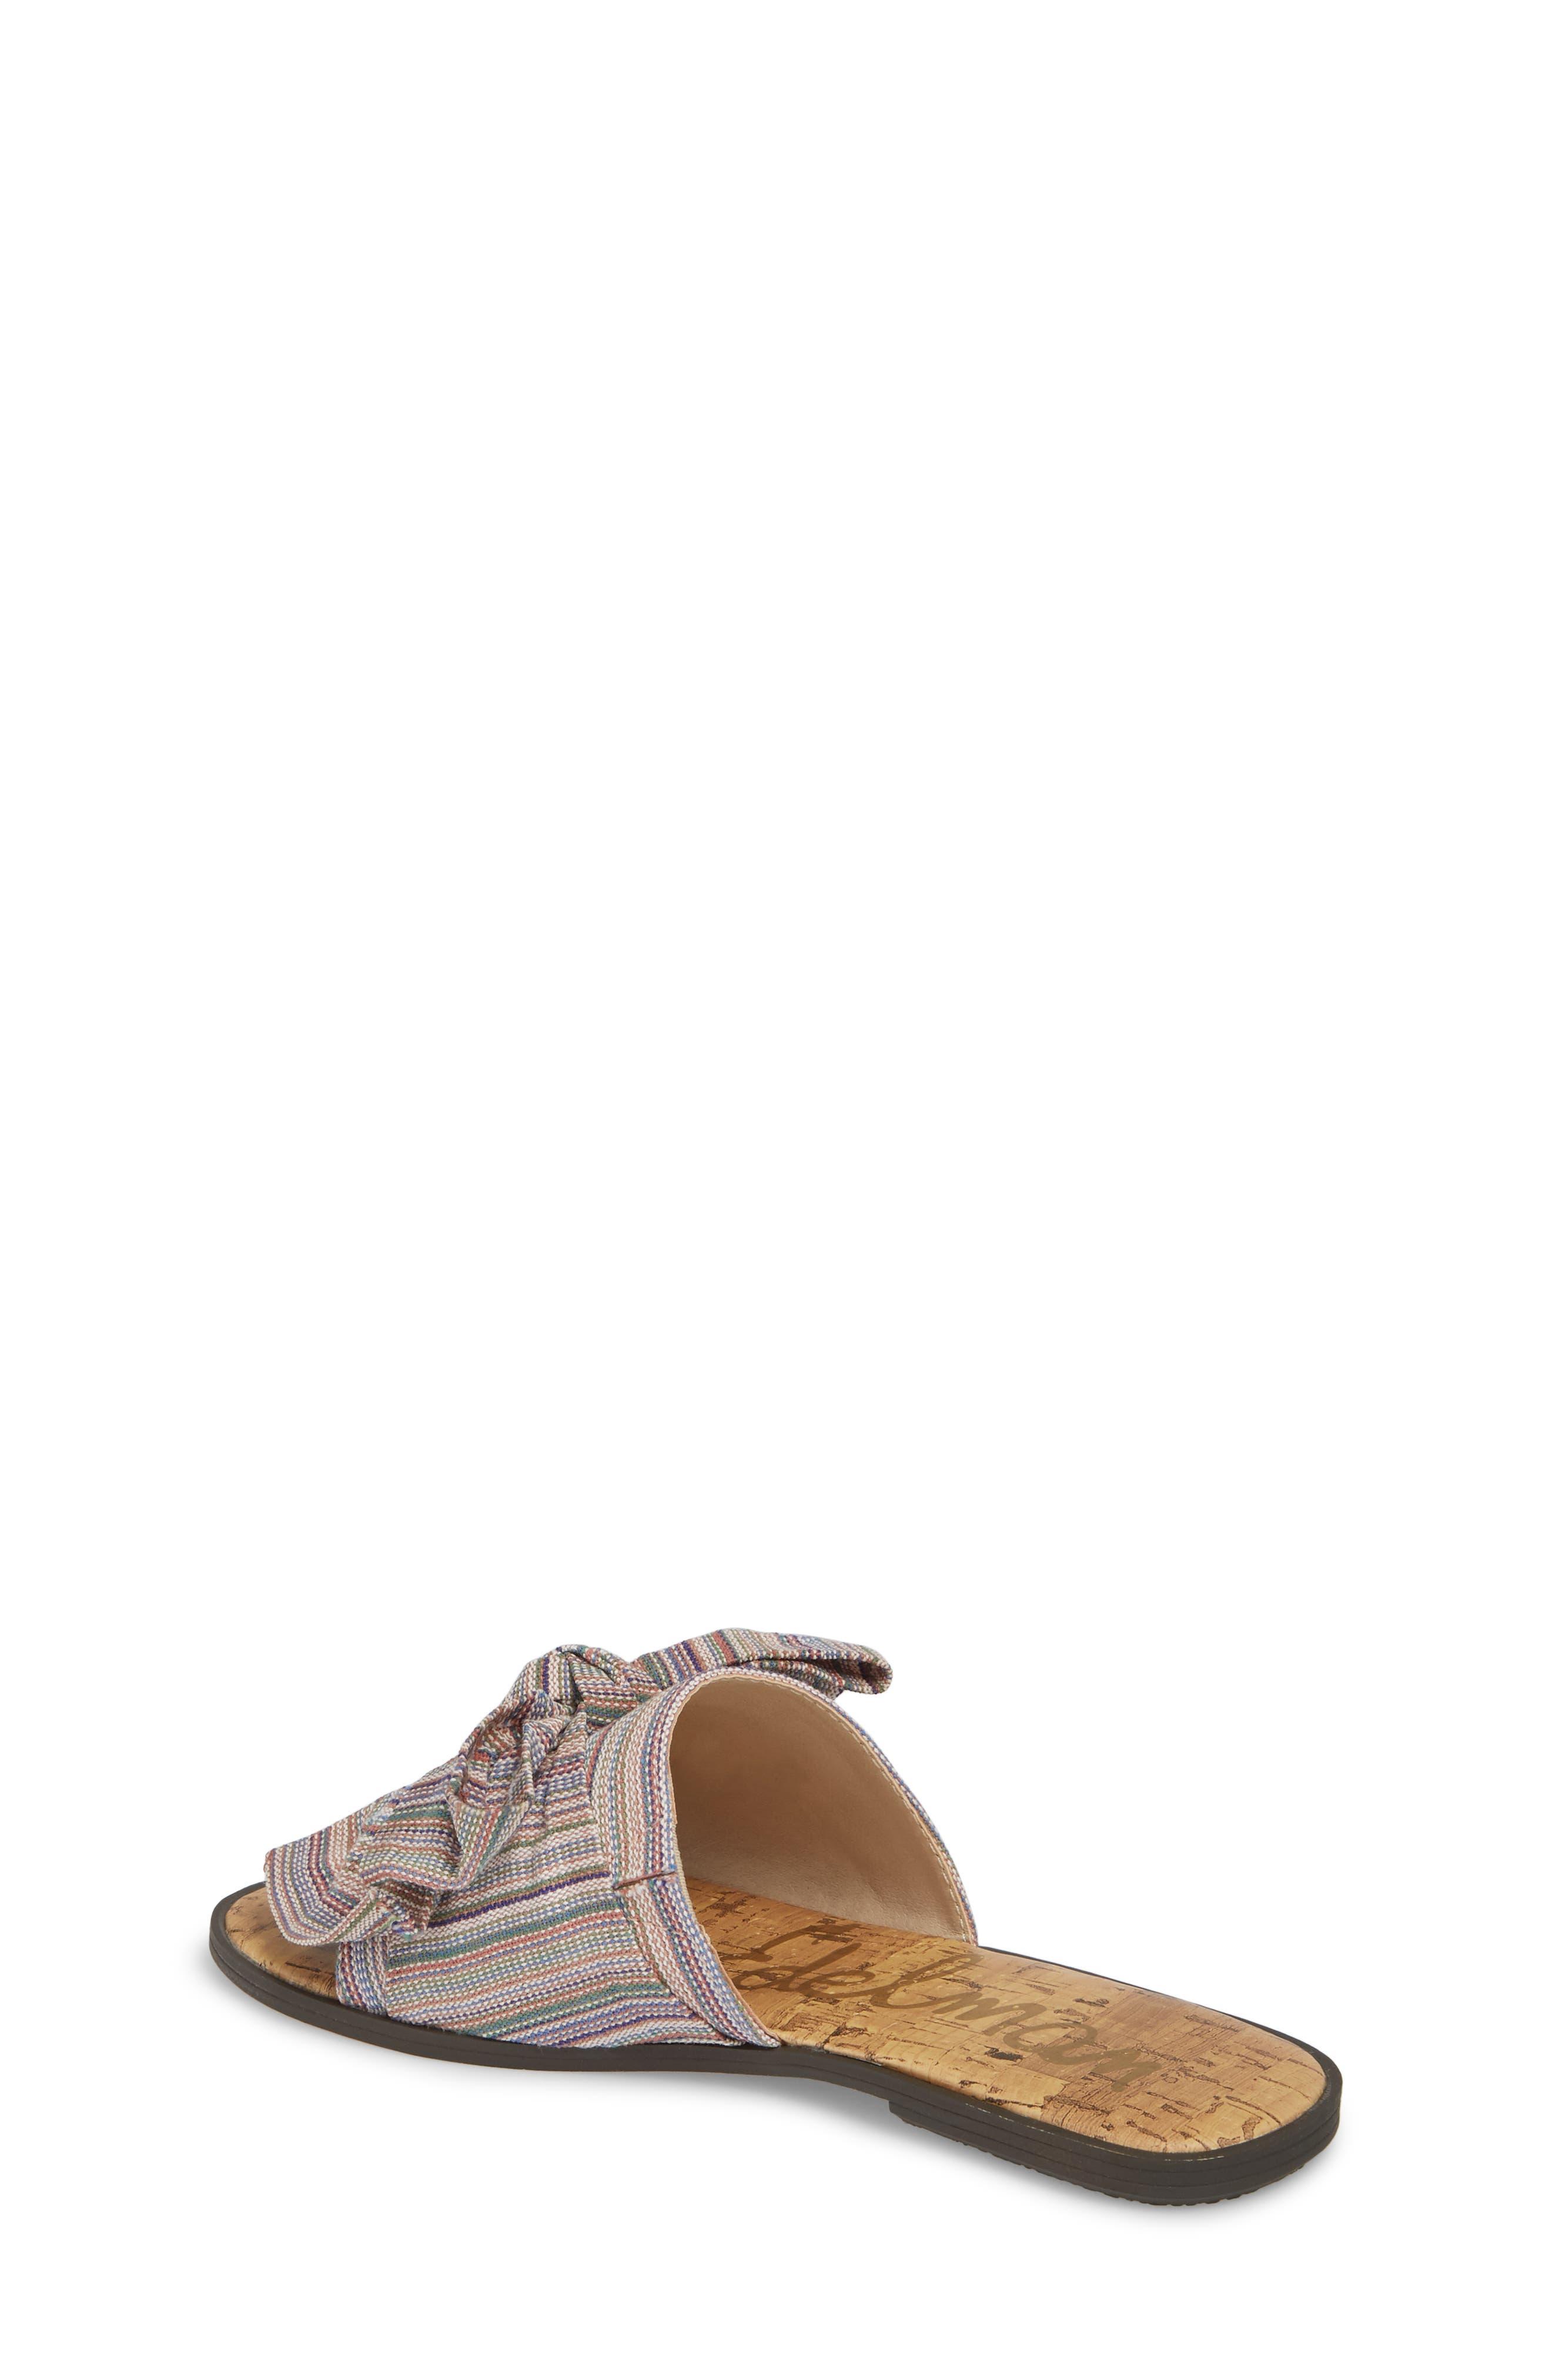 Gigi Bow Faux Leather Sandal,                             Alternate thumbnail 2, color,                             Tan Multi Fabric